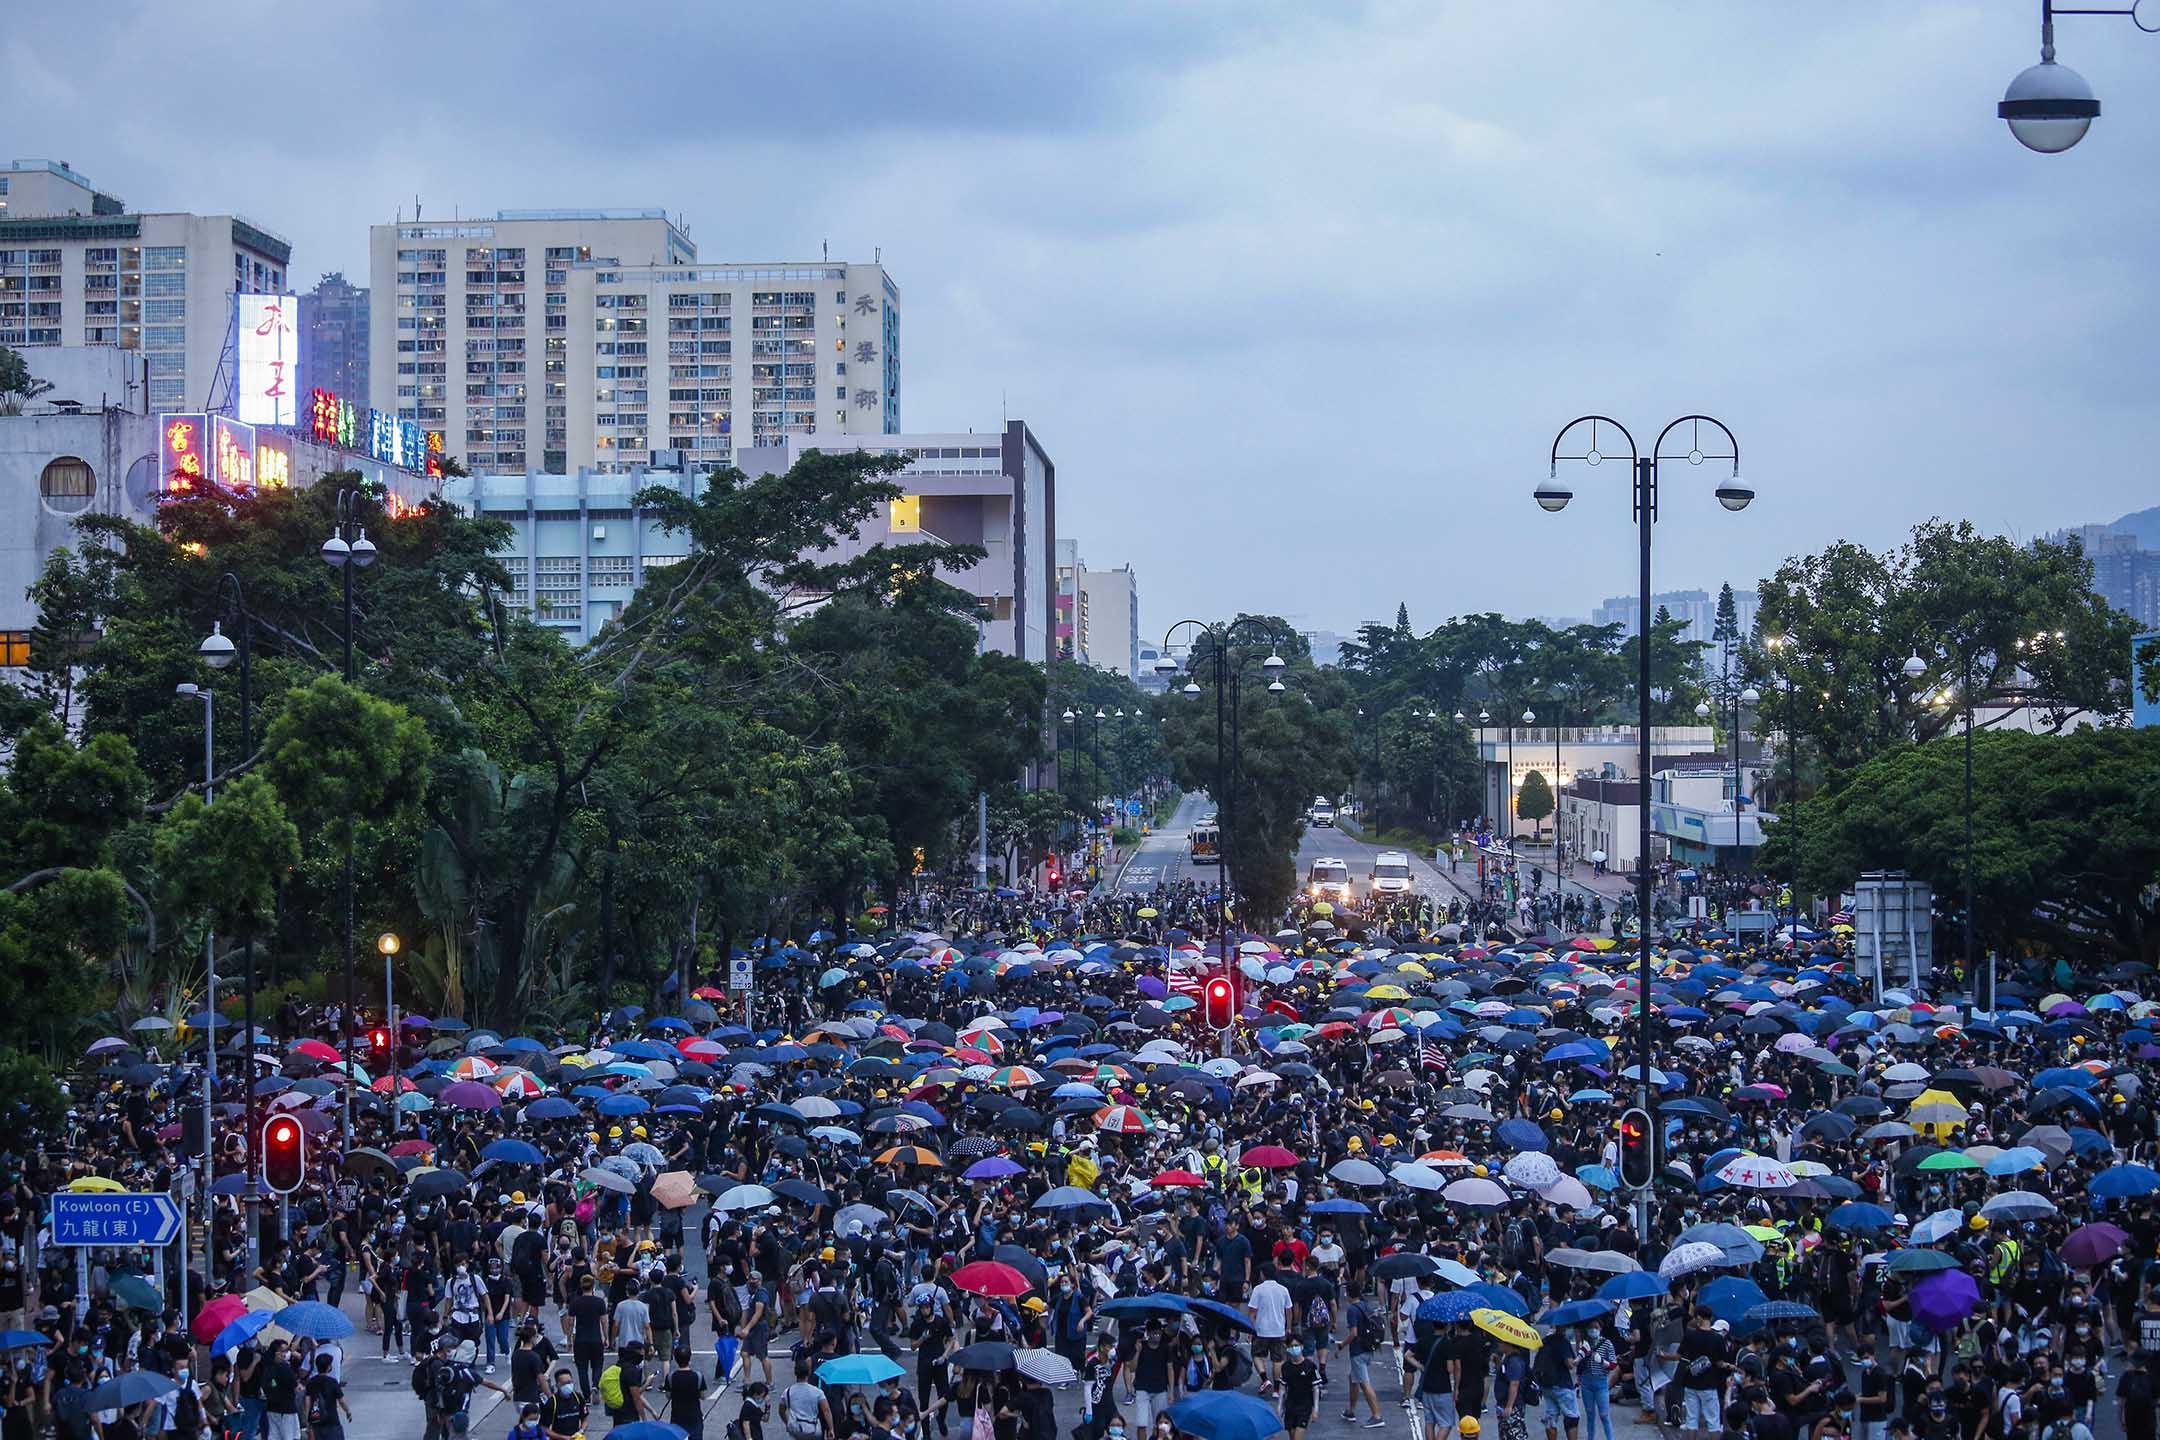 示威者與警方在源禾路和鄉事會路交界對峙數小時。